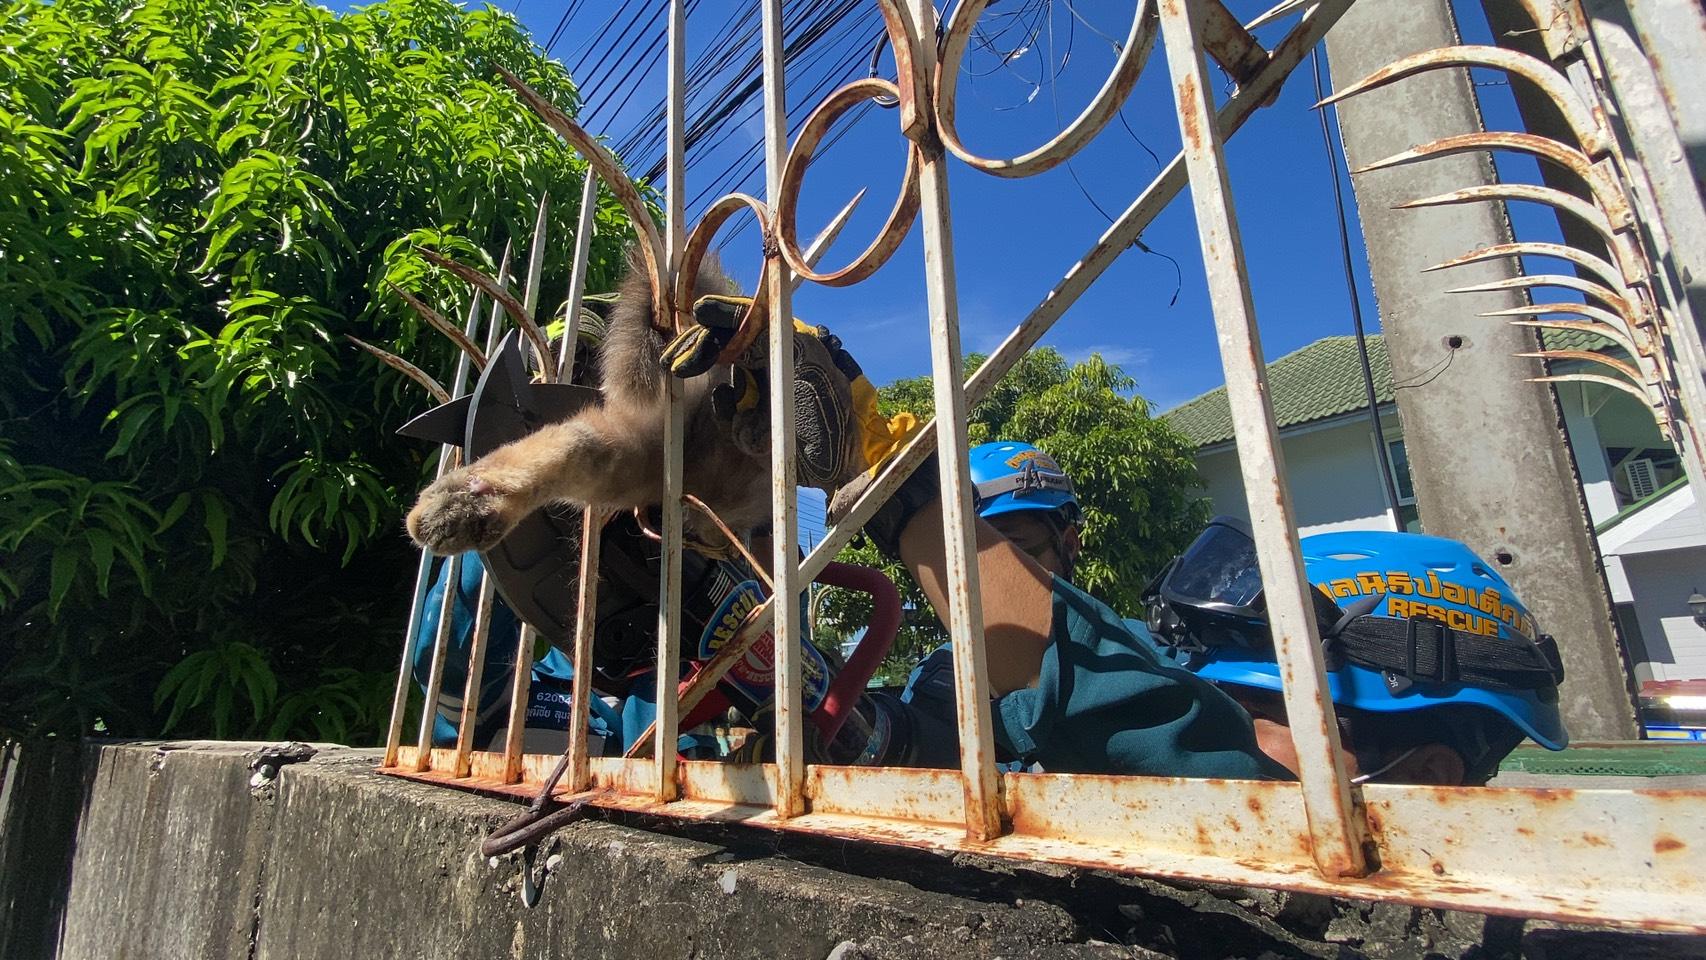 ดำเนินการช่วยเหลือสัตว์เลี้ยง(แมว) ถูกเหล็ก(รั้วบ้าน)เสียบบริเวณลำตัว